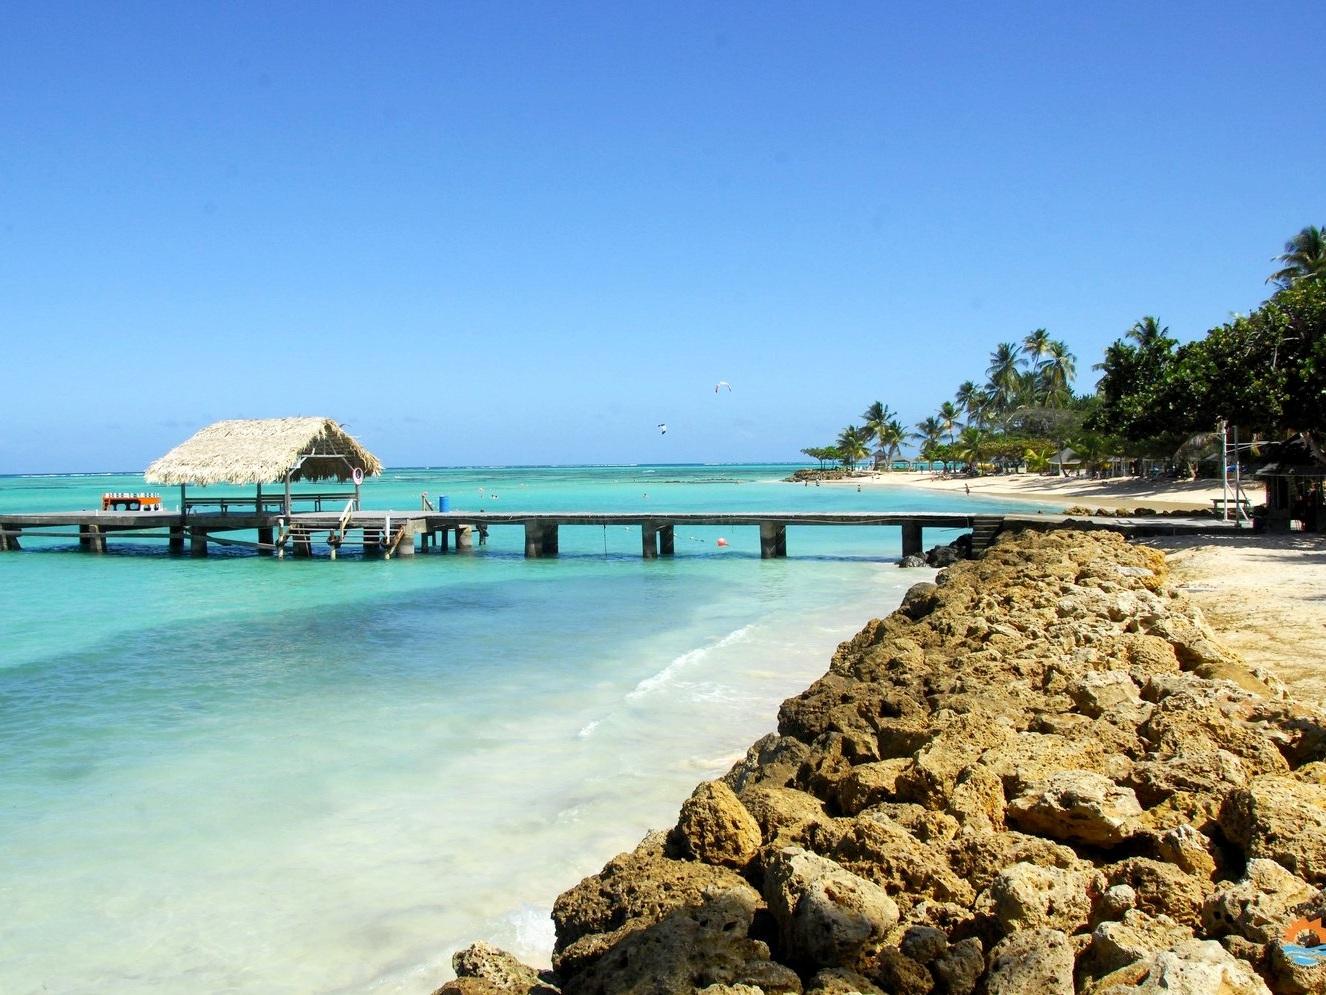 C/O Tobago Tourism Agency Ltd.